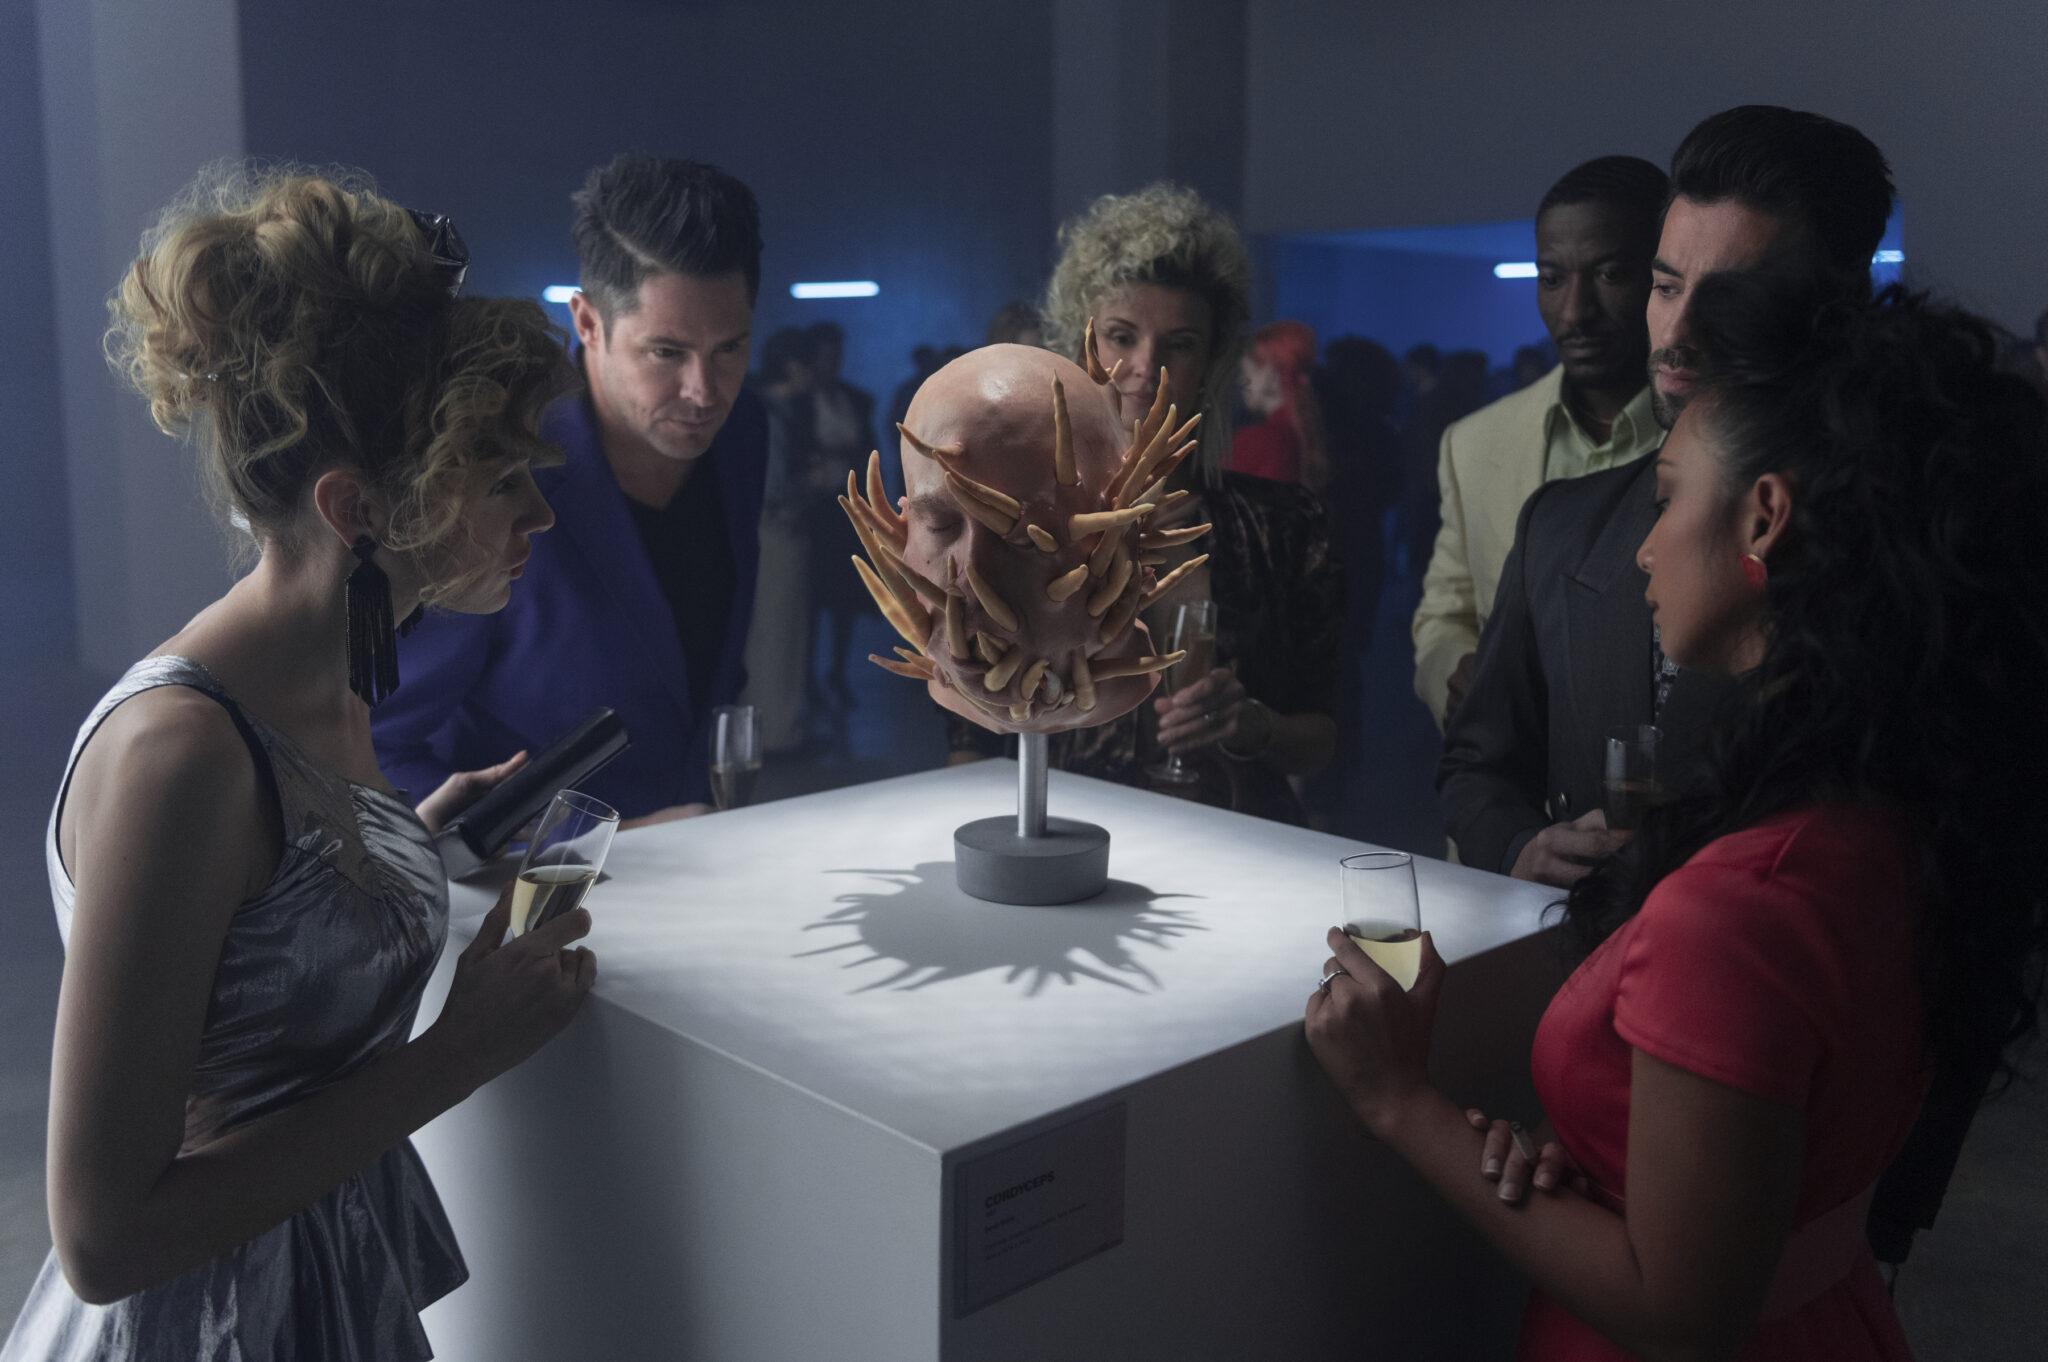 Sechs Personen stehen um ein Podest herum, auf dem eine Skulptur steht, die einen Schädel mit Stacheln übersät zeigt.